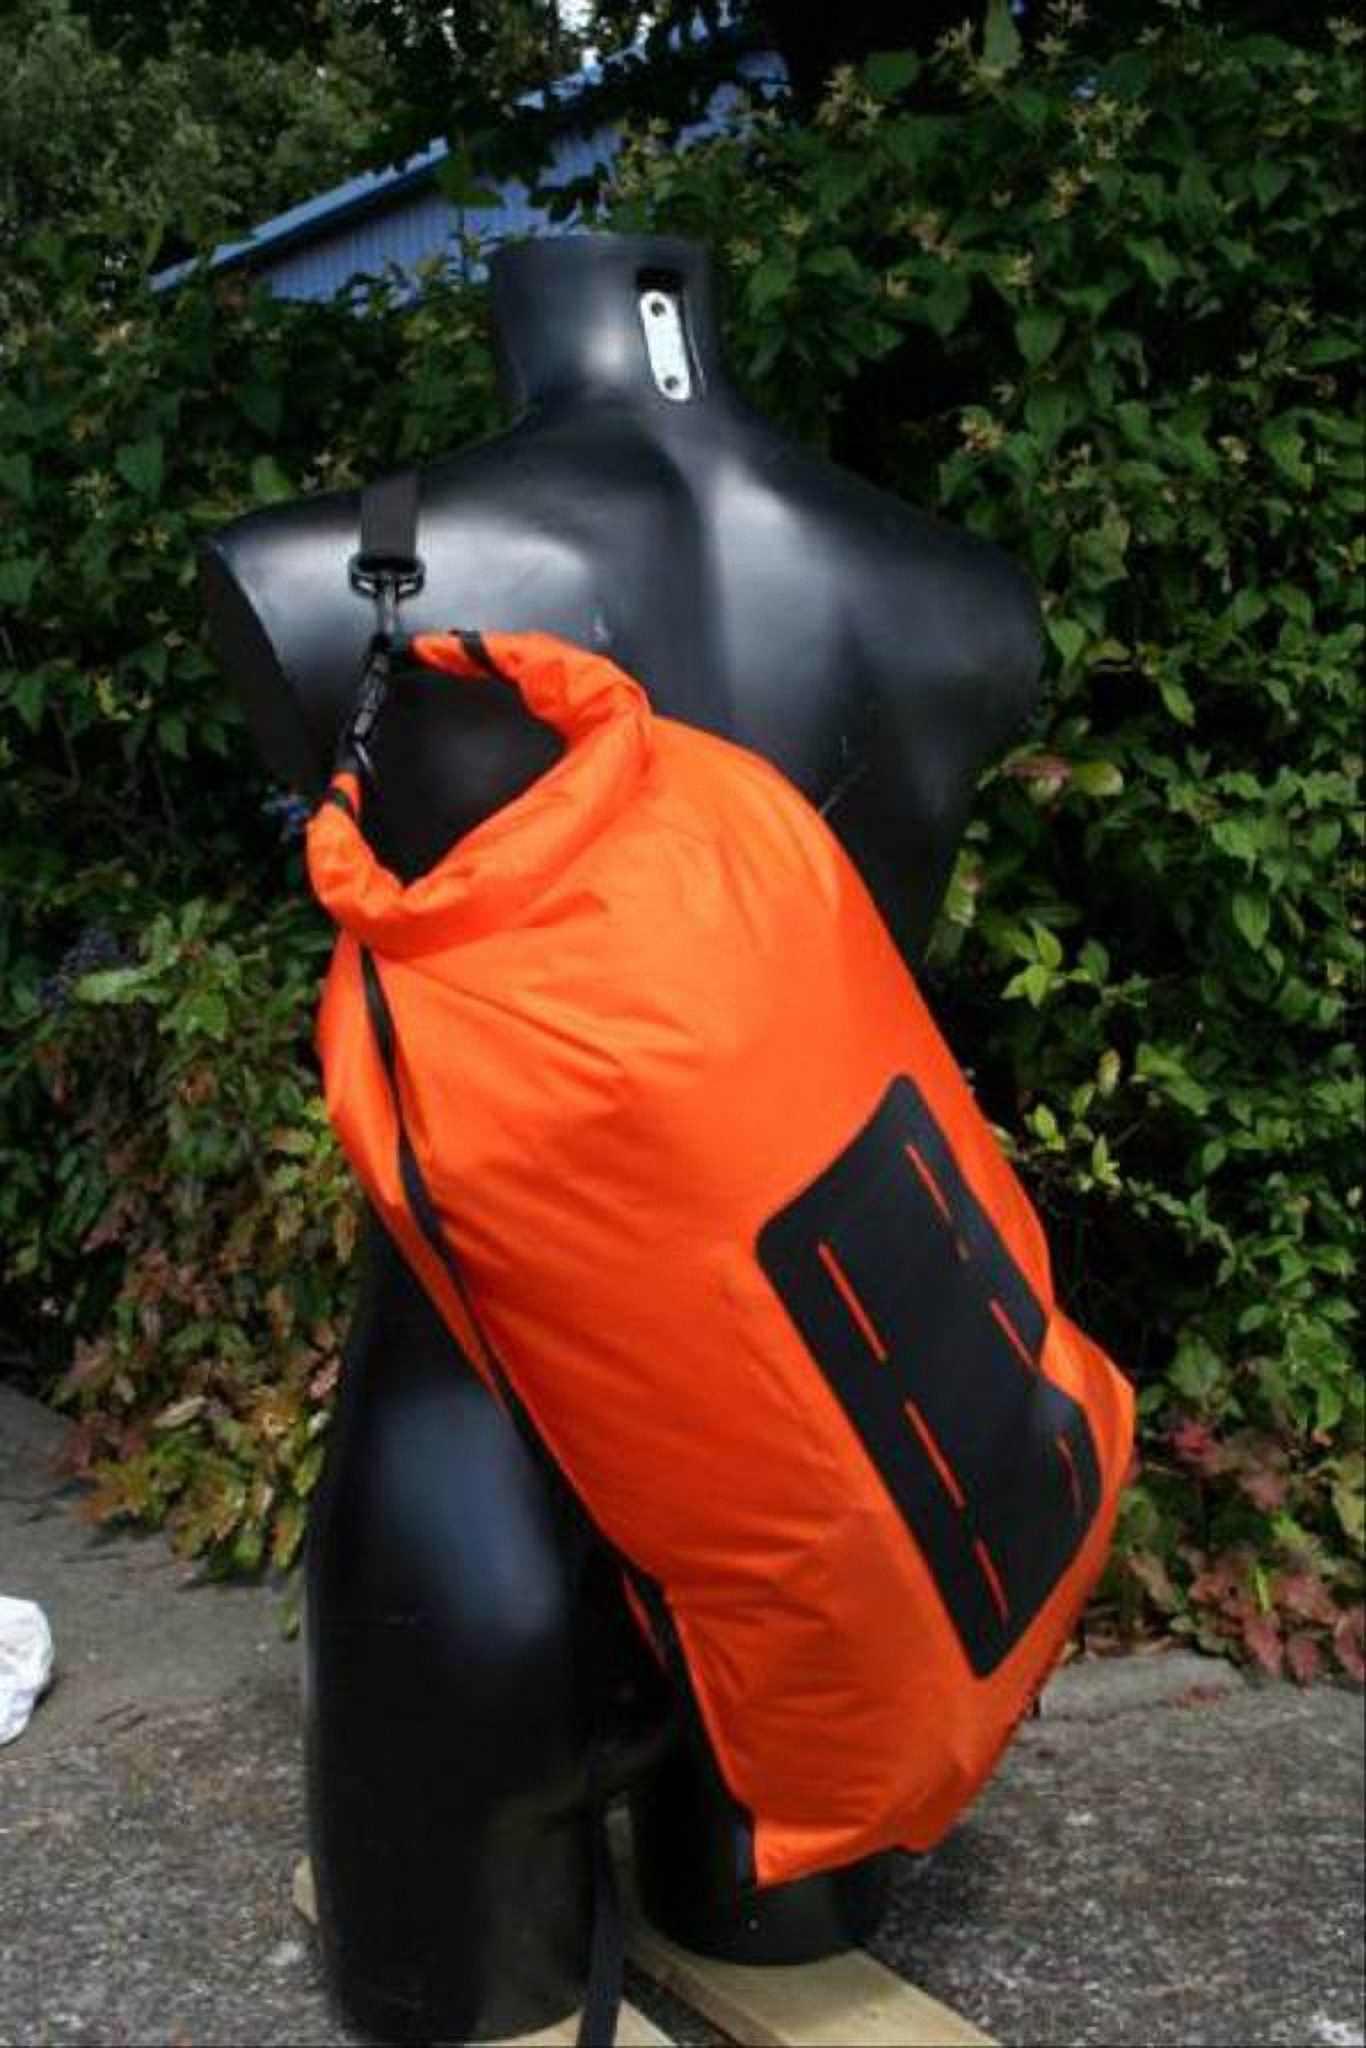 Водонепроницаемый  гермомешок-рюкзак (с двумя плечевыми ремнями) Aquapac 761 - Noatak Wet & Drybag - 15L.. Aquapac - №1 в мире водонепроницаемых чехлов и сумок. Фото 6